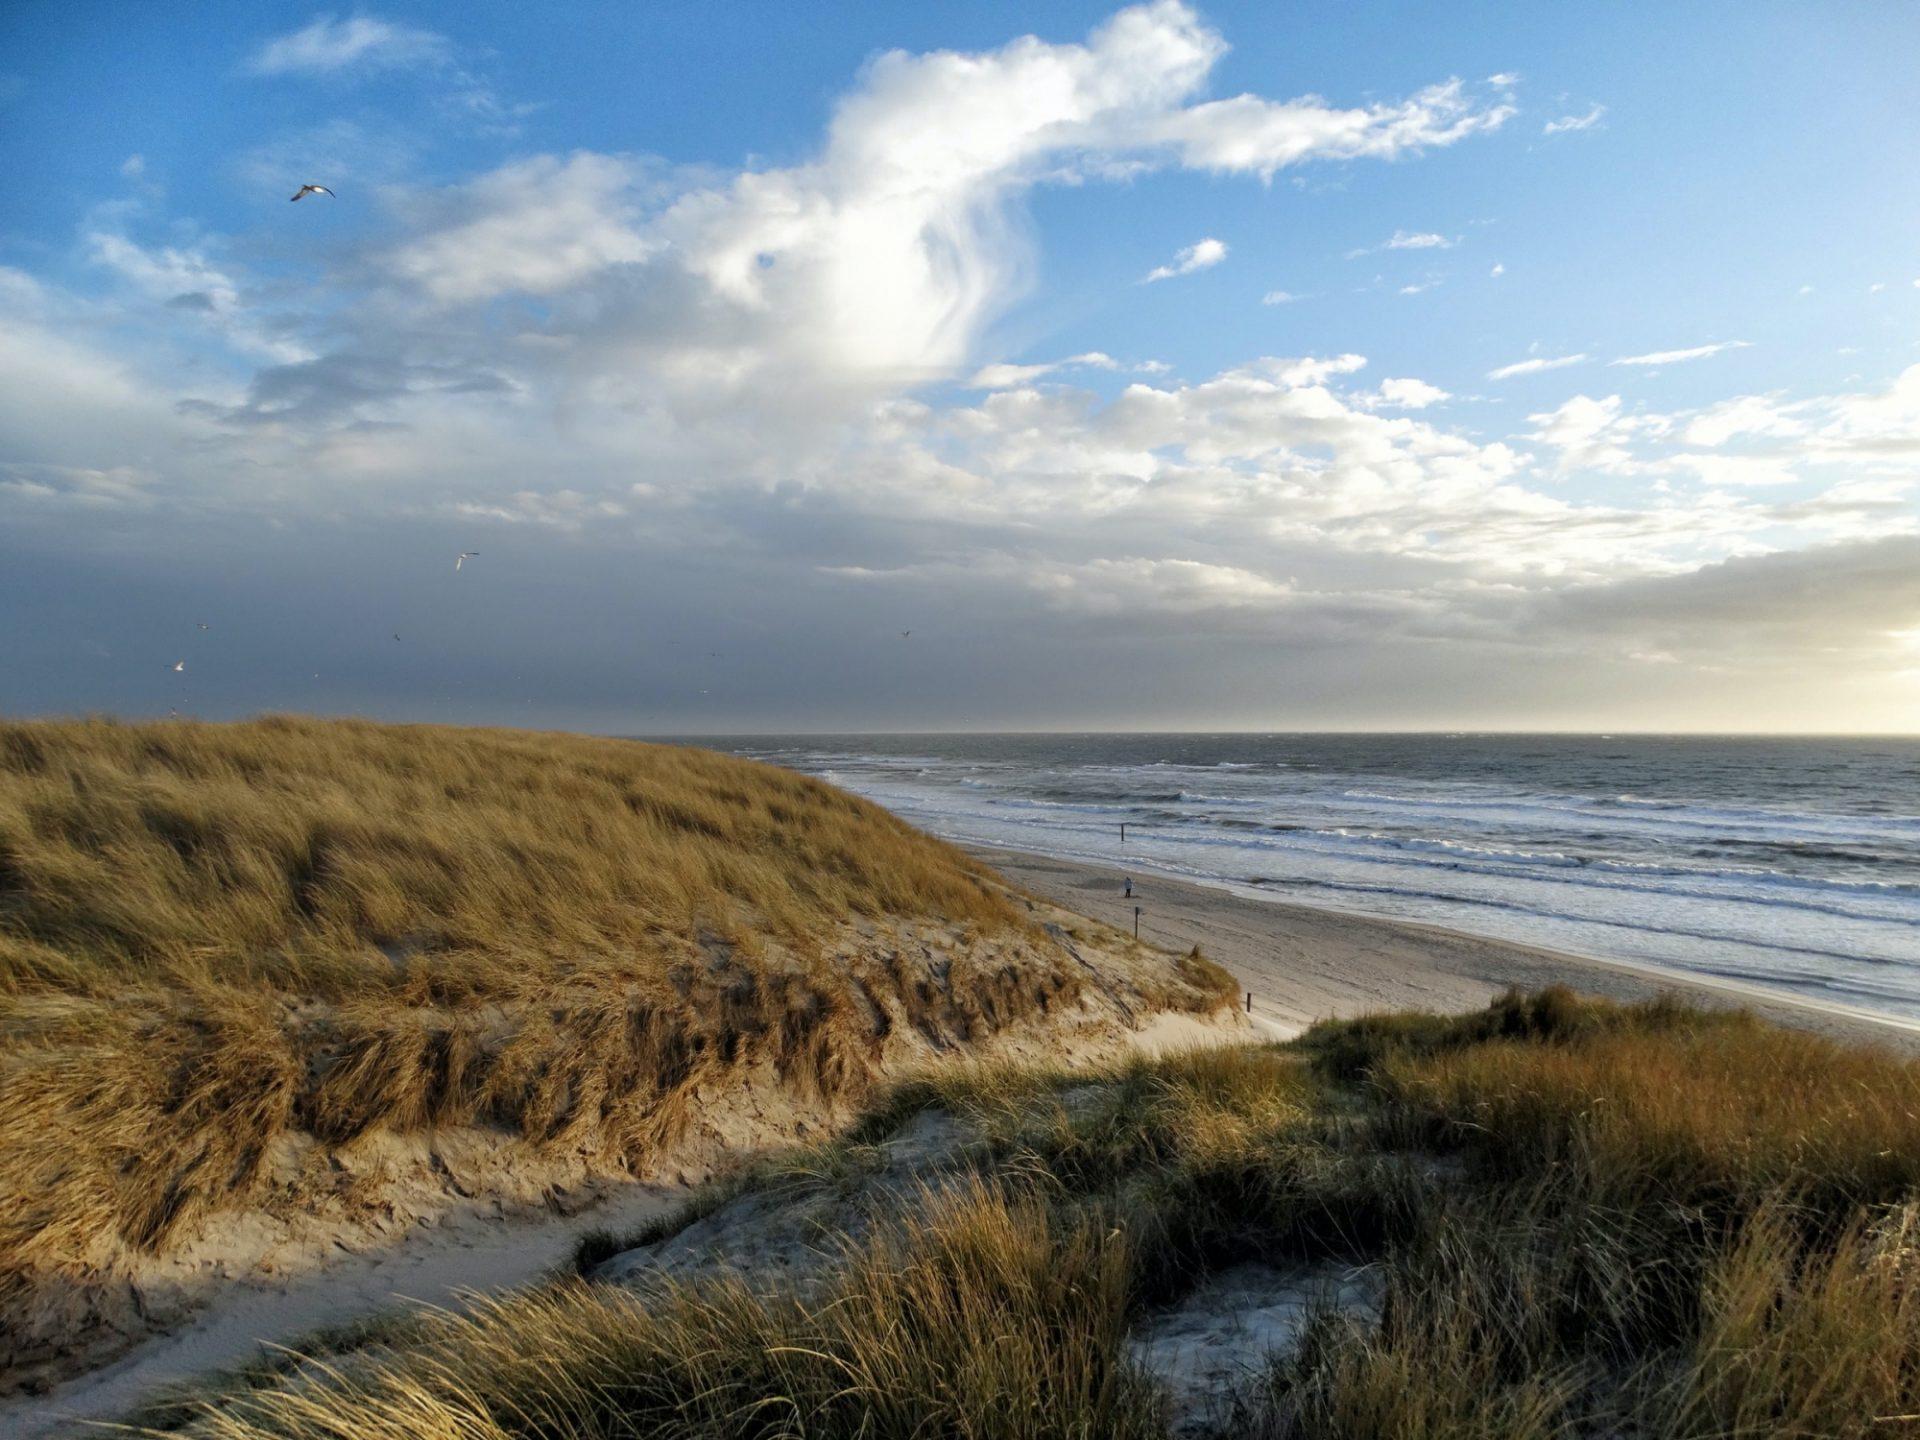 De Rijke Noordzee, waar wind en natuur elkaar versterken. Bron van duurzame energie, rijk aan natuur en vol leven.